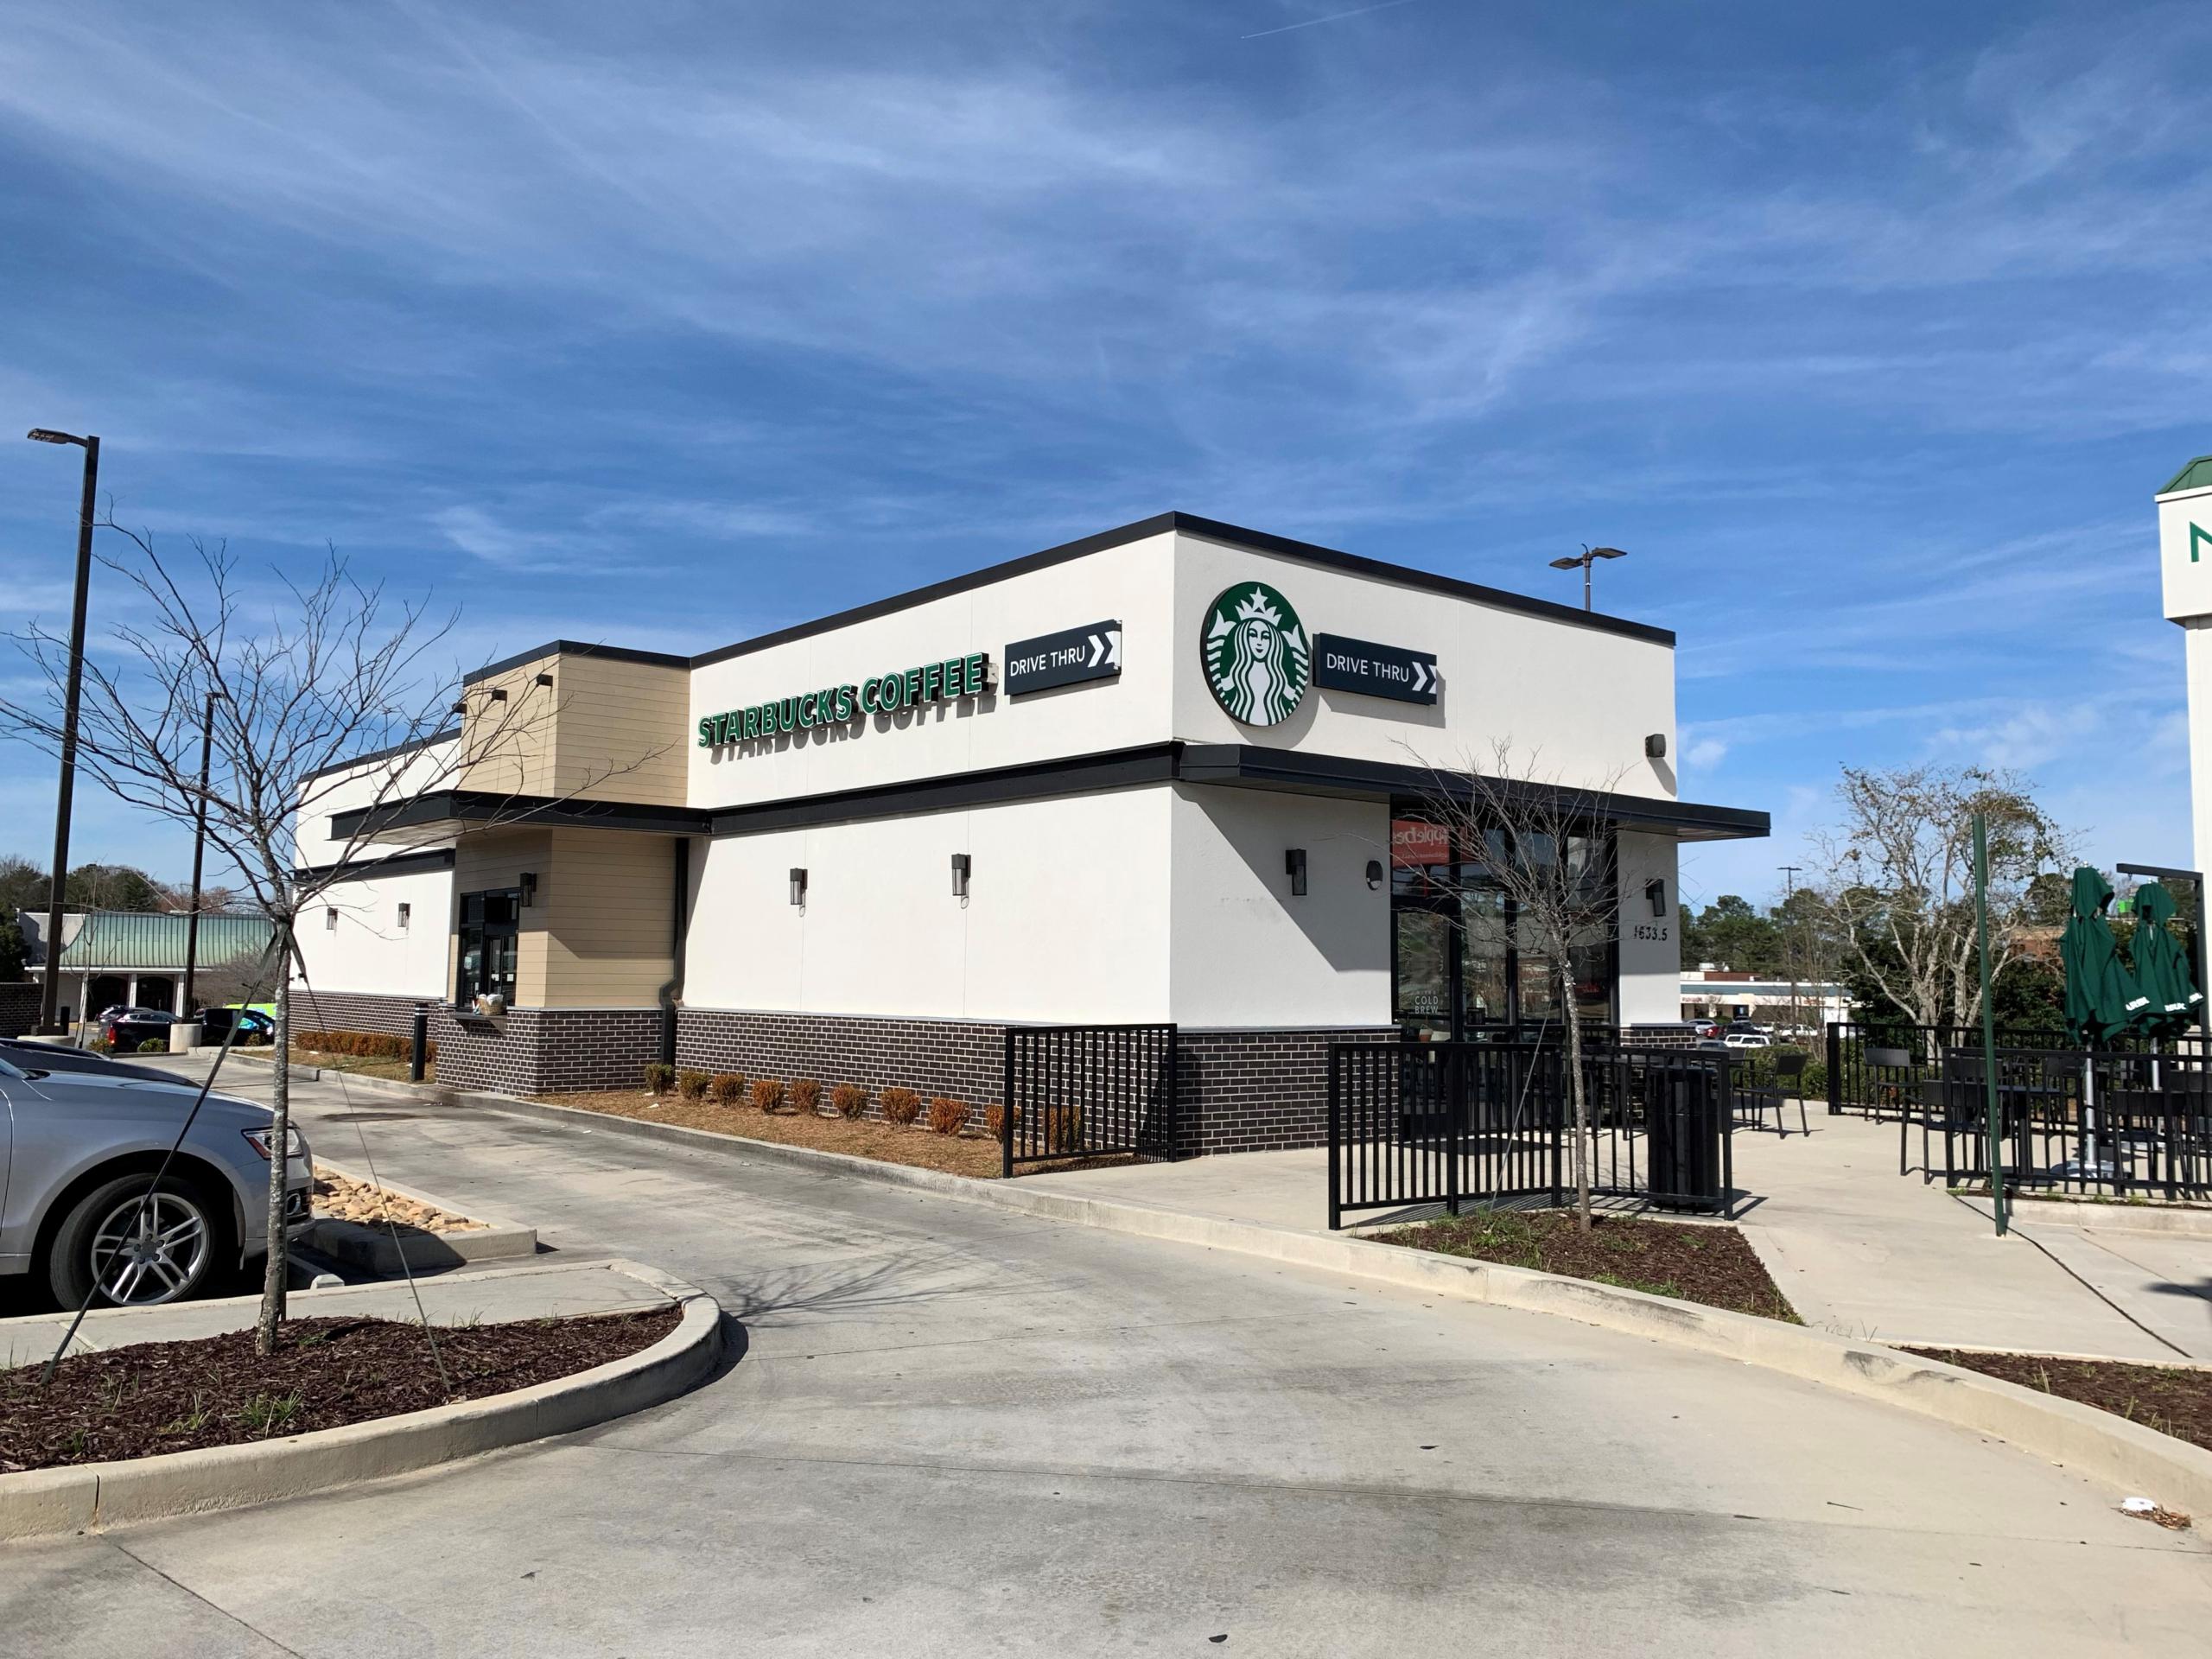 Starbucks in Griffin